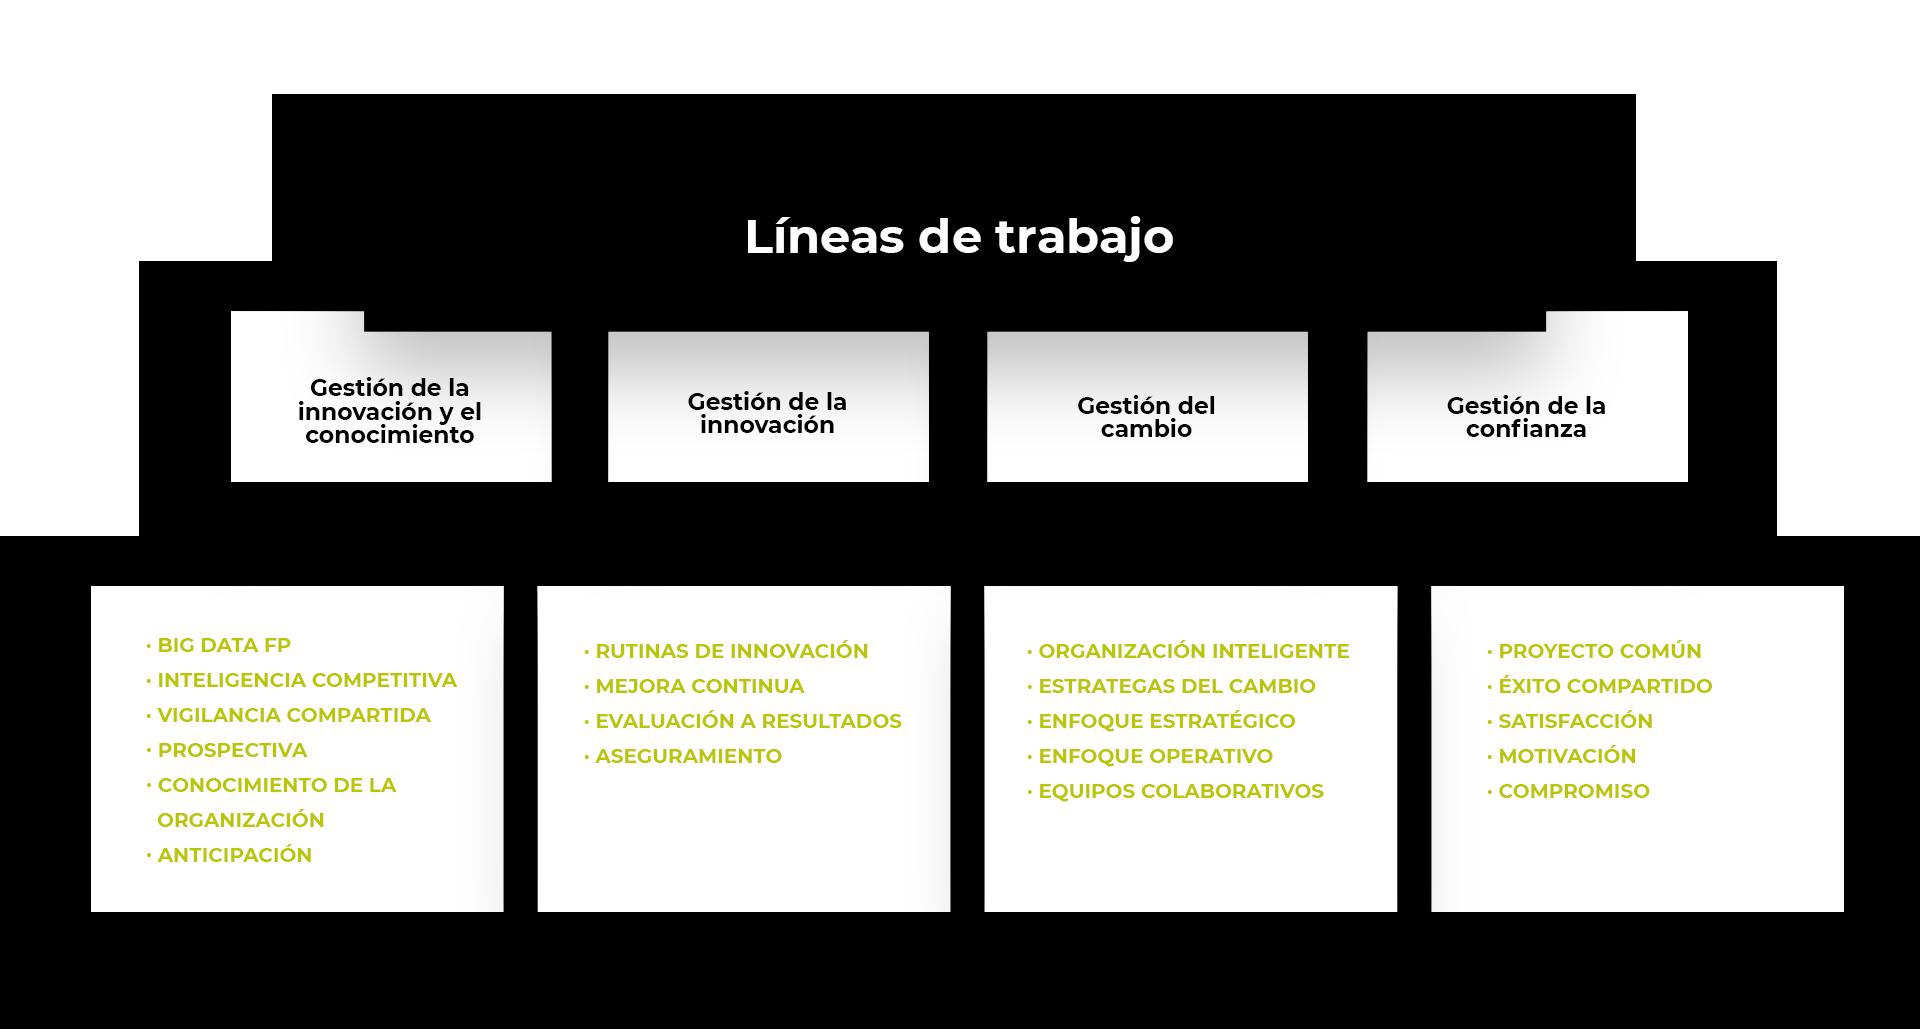 lineas-de-trabajo-complejidad